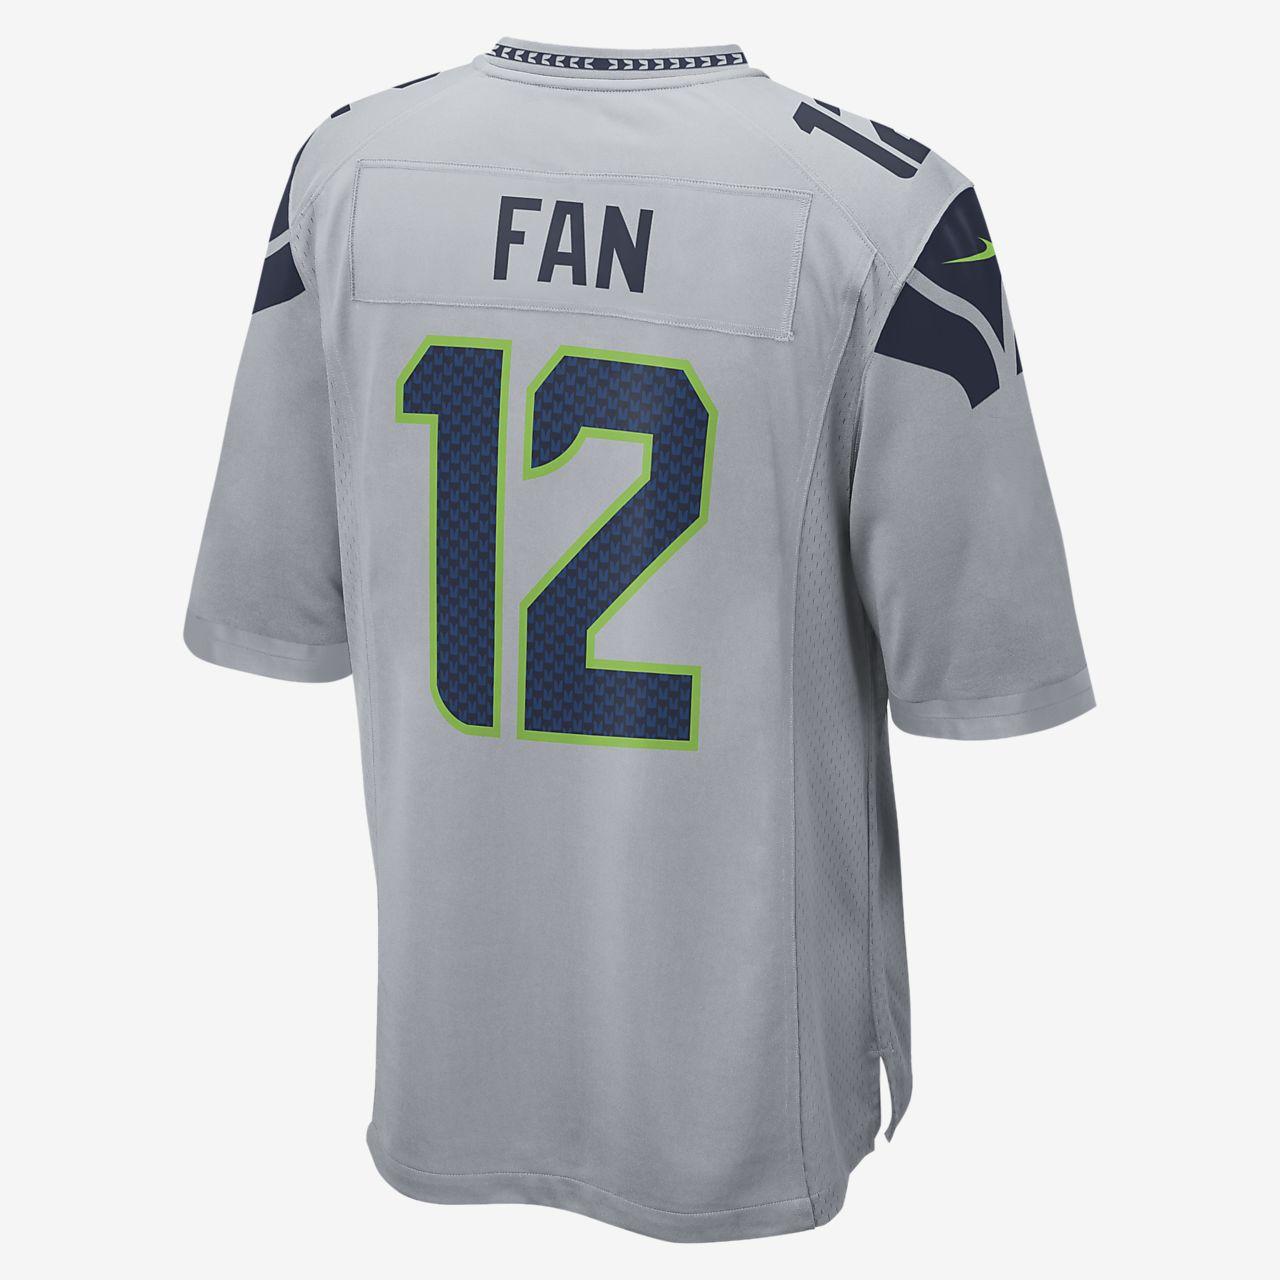 NFL Seattle Seahawks (Fan) Men's